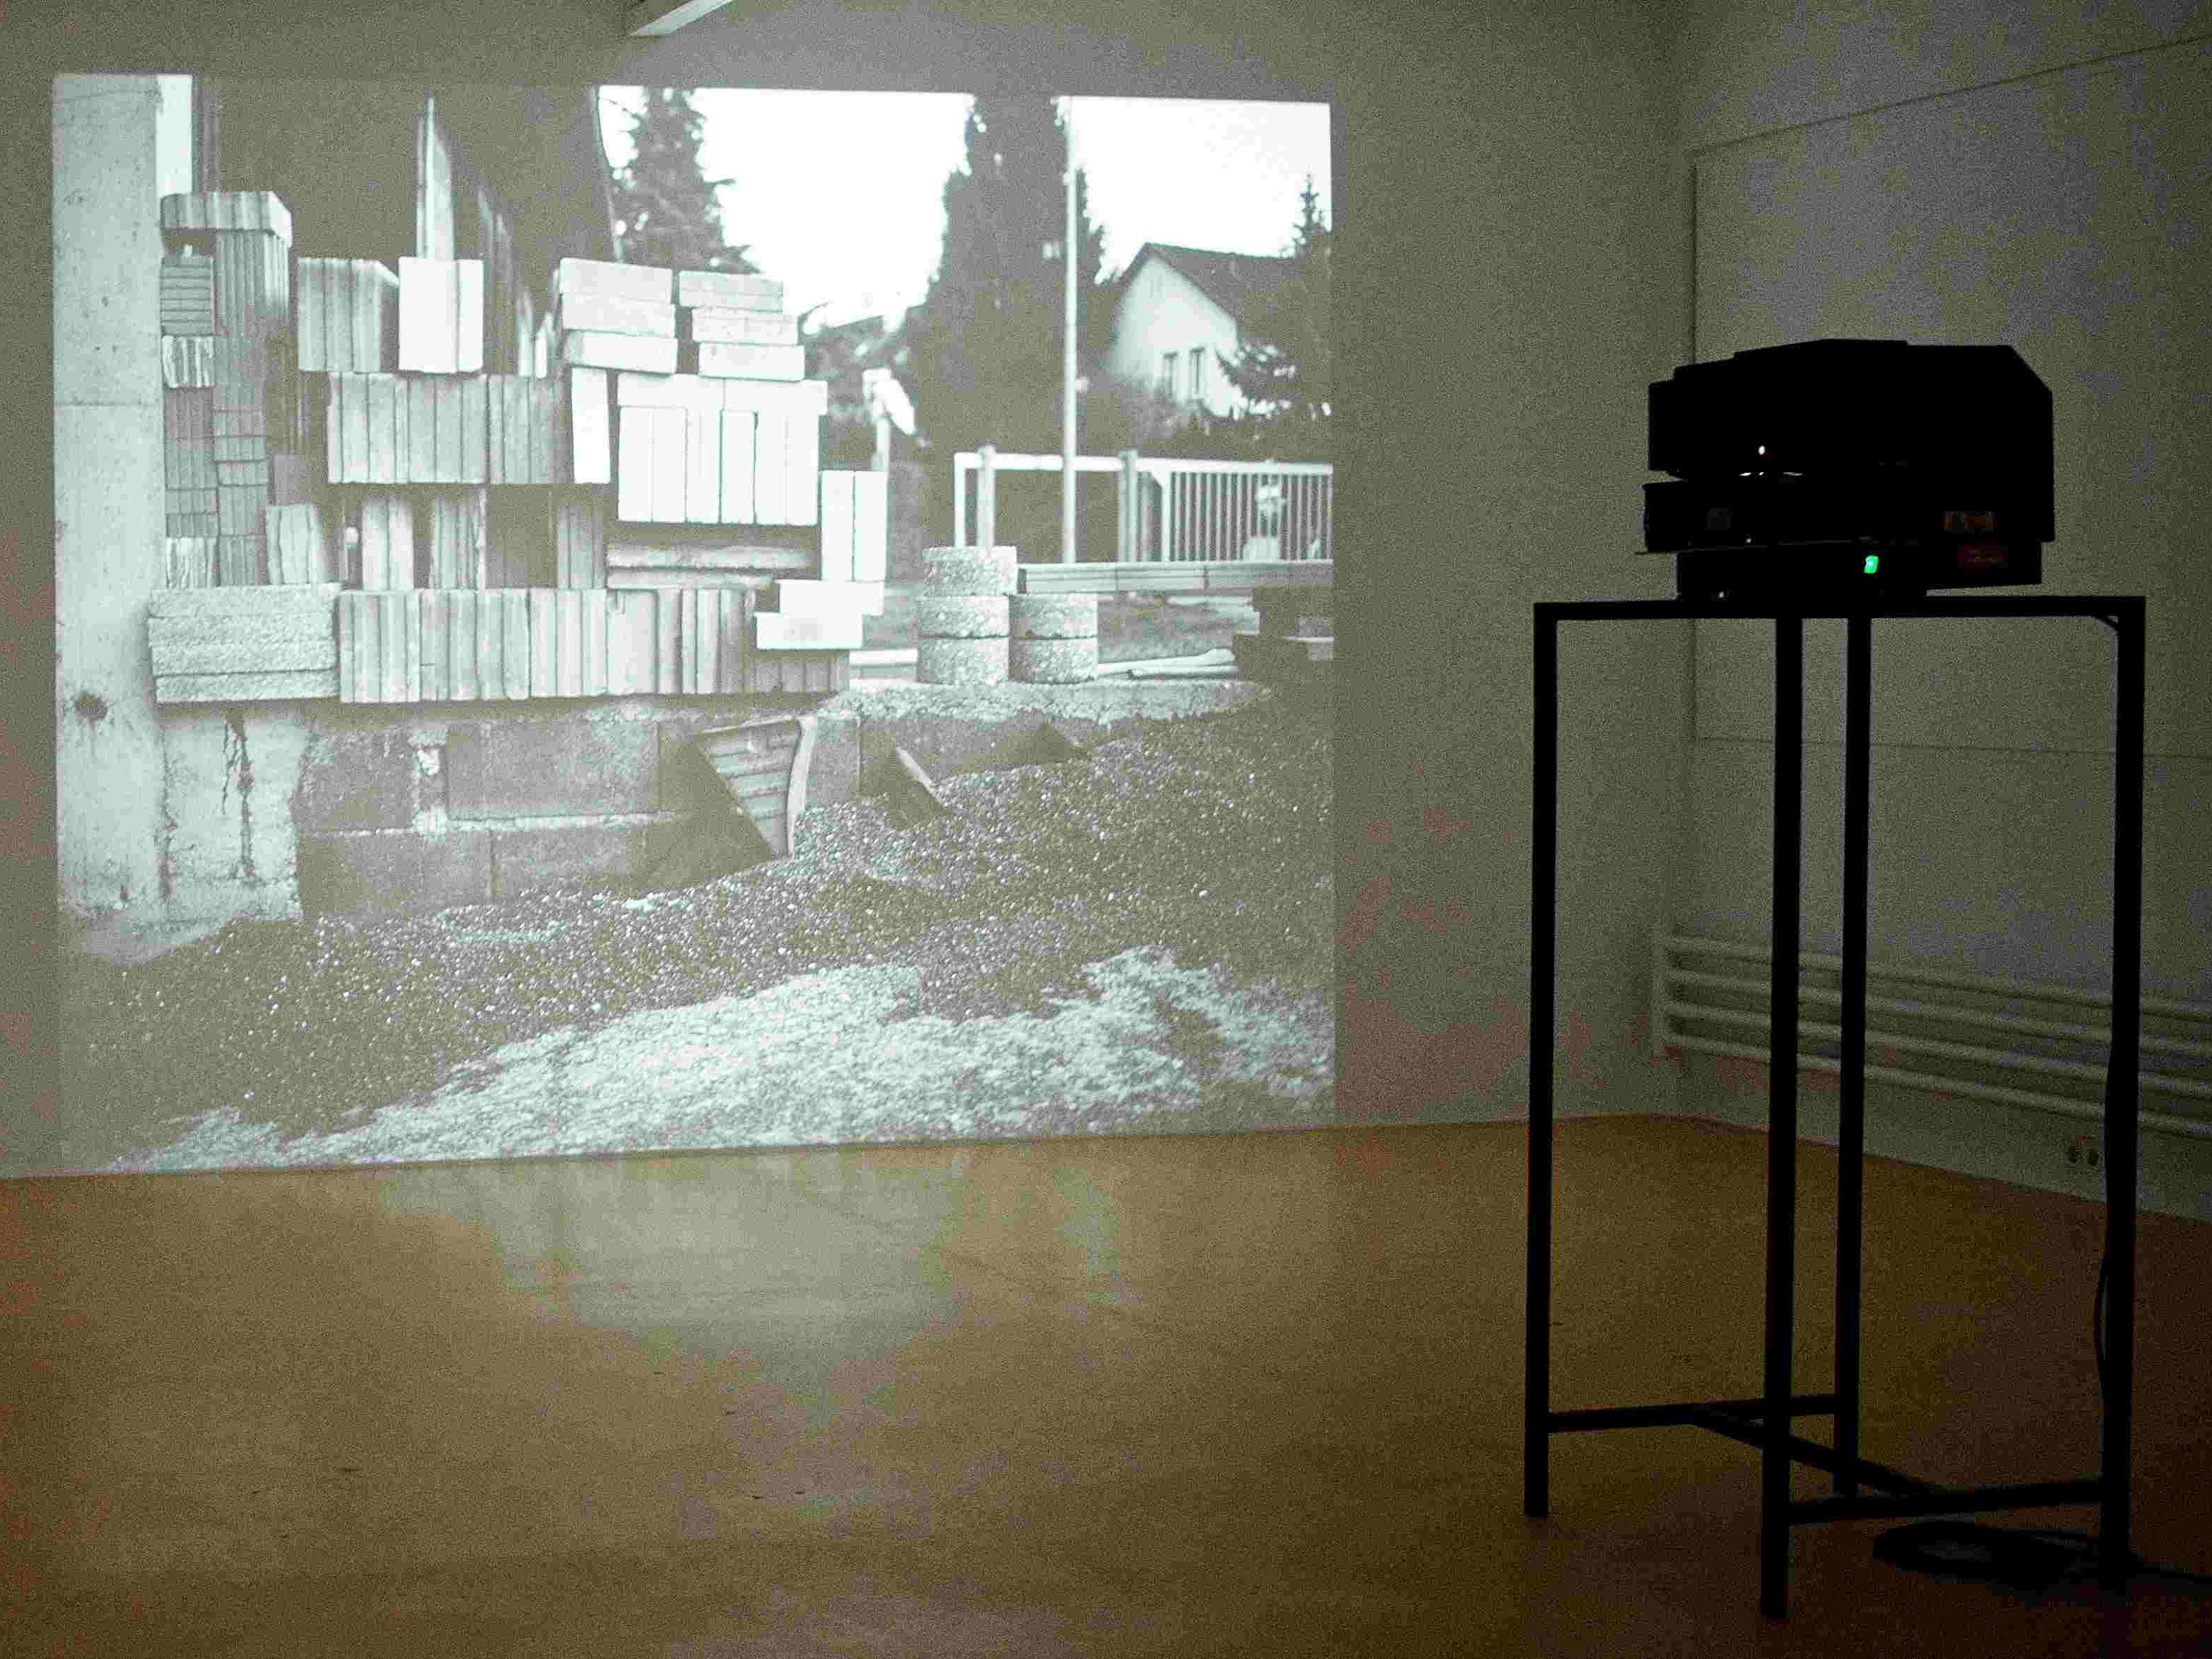 Heitz richtet seinen Blick auf die vorhandenen, aber nicht mehr gesehenen Dinge und Orte.